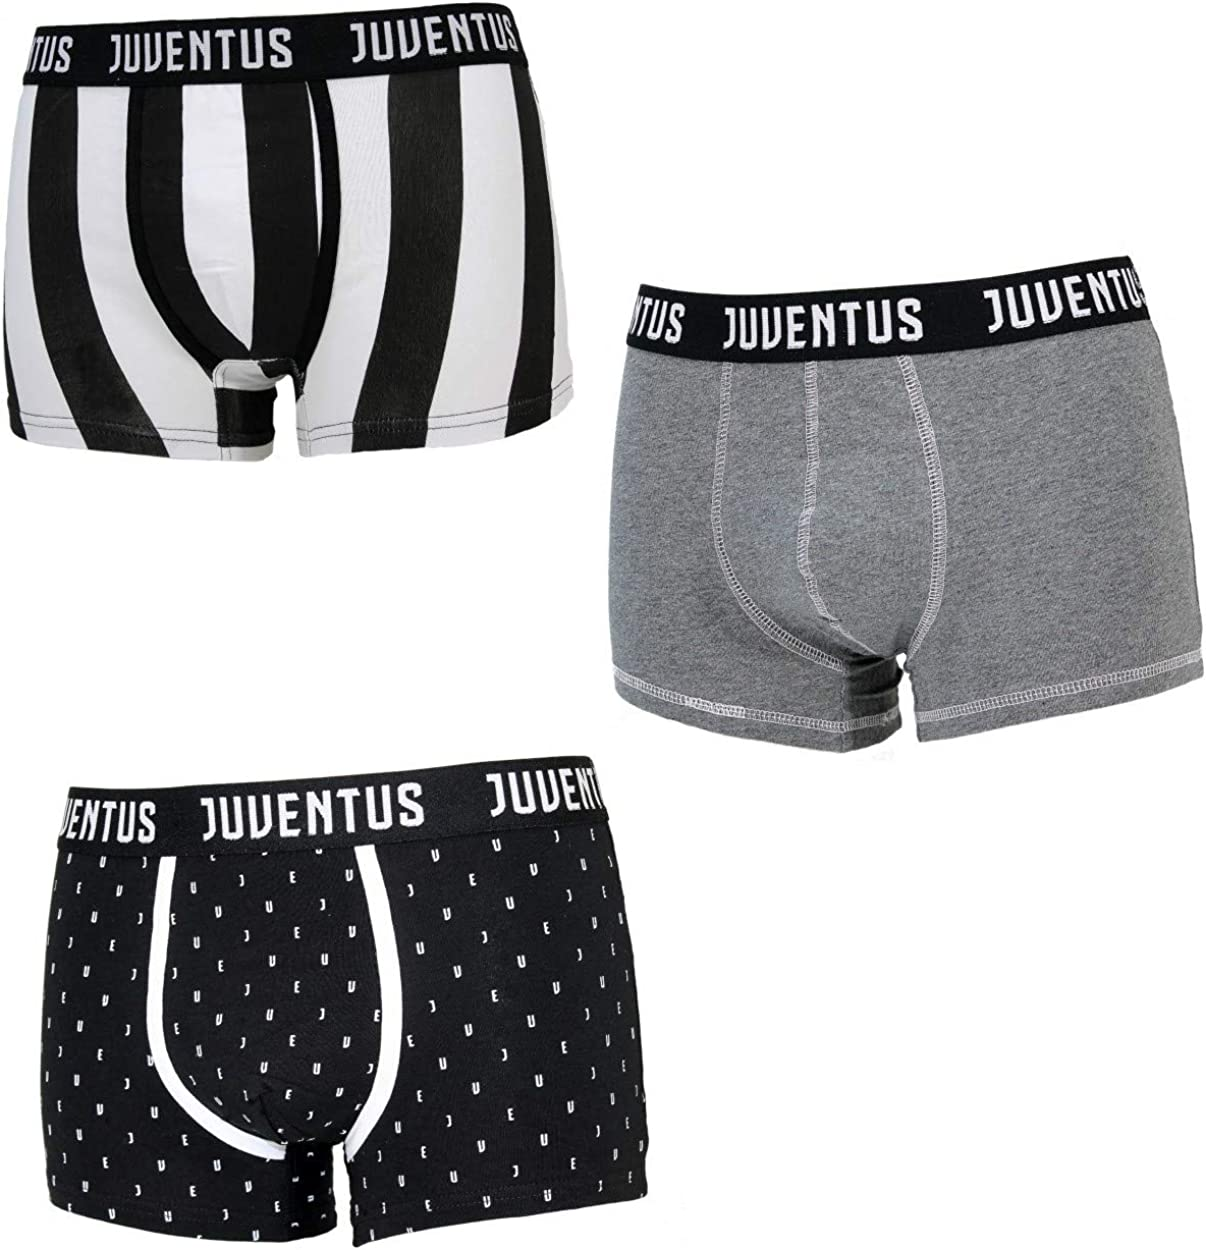 JU12050 Assortito Juventus 6 Boxer Ragazzo Cotone Elasticizzato Prodotto Ufficiale Juve Art